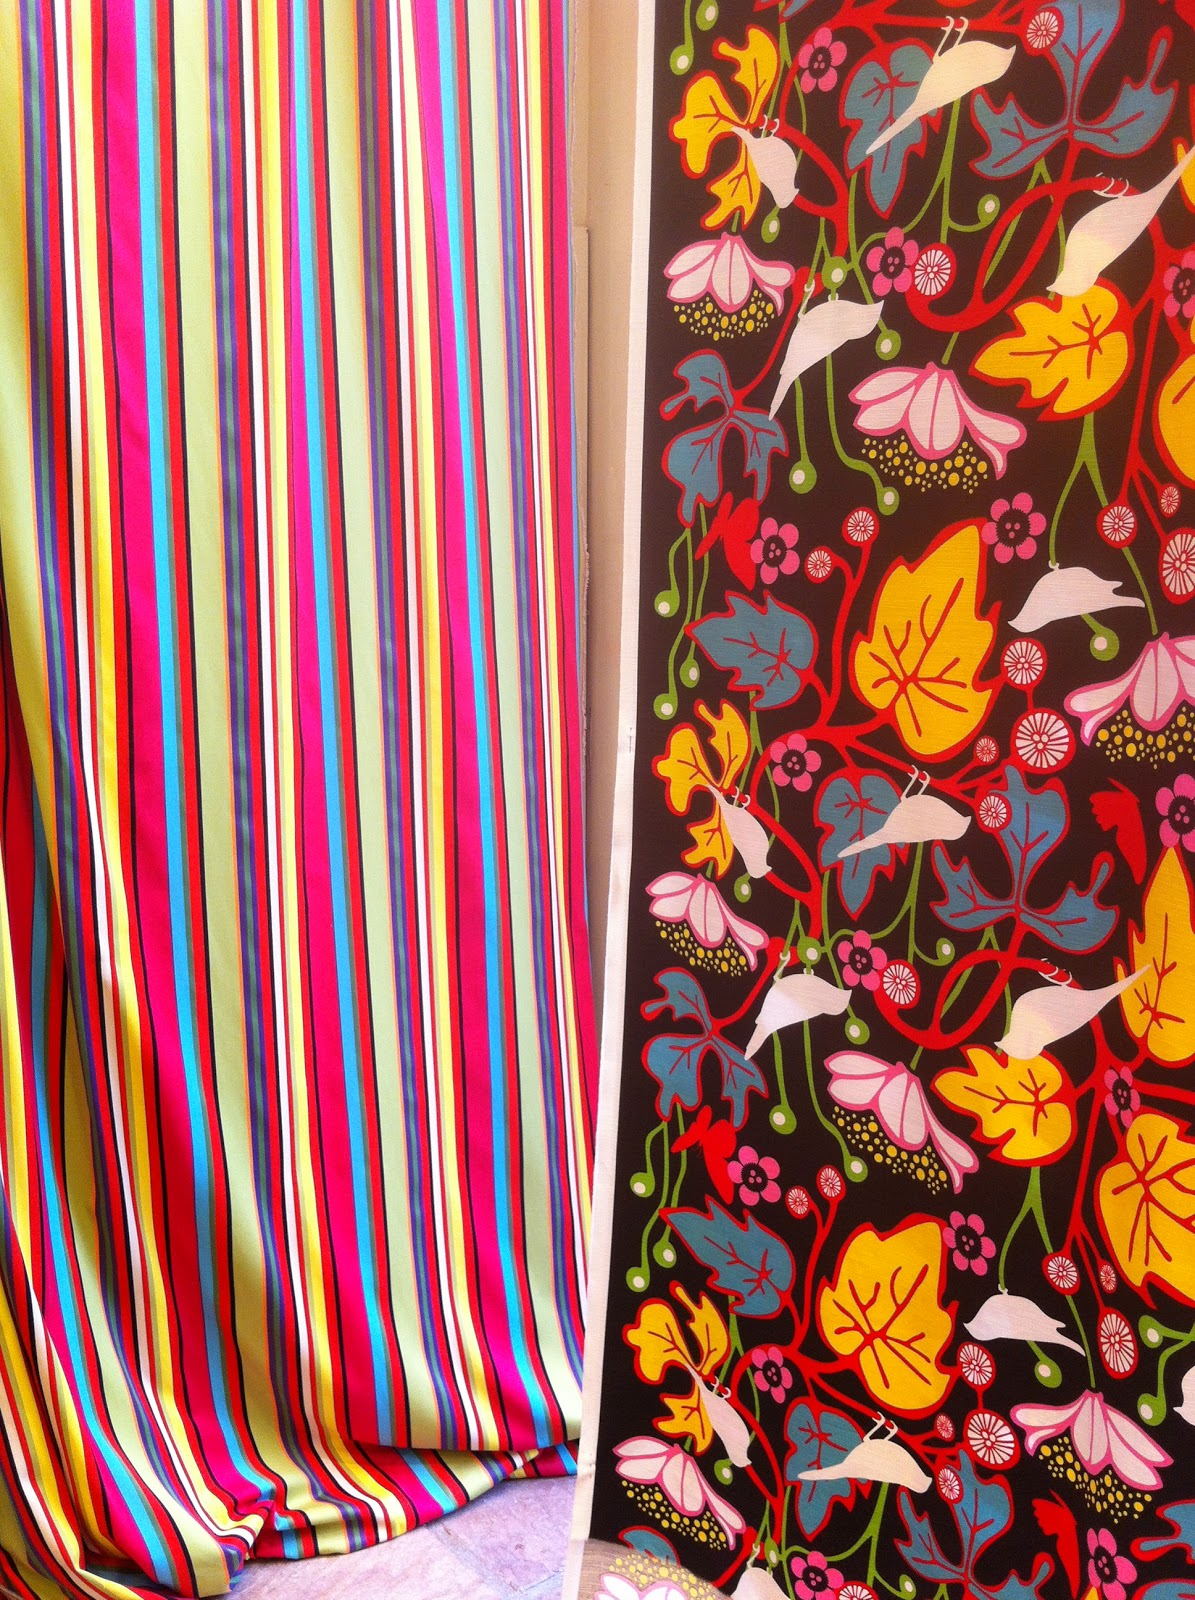 Telas de tapiceria para sillones silln ovalo telas romo for Telas para sillones